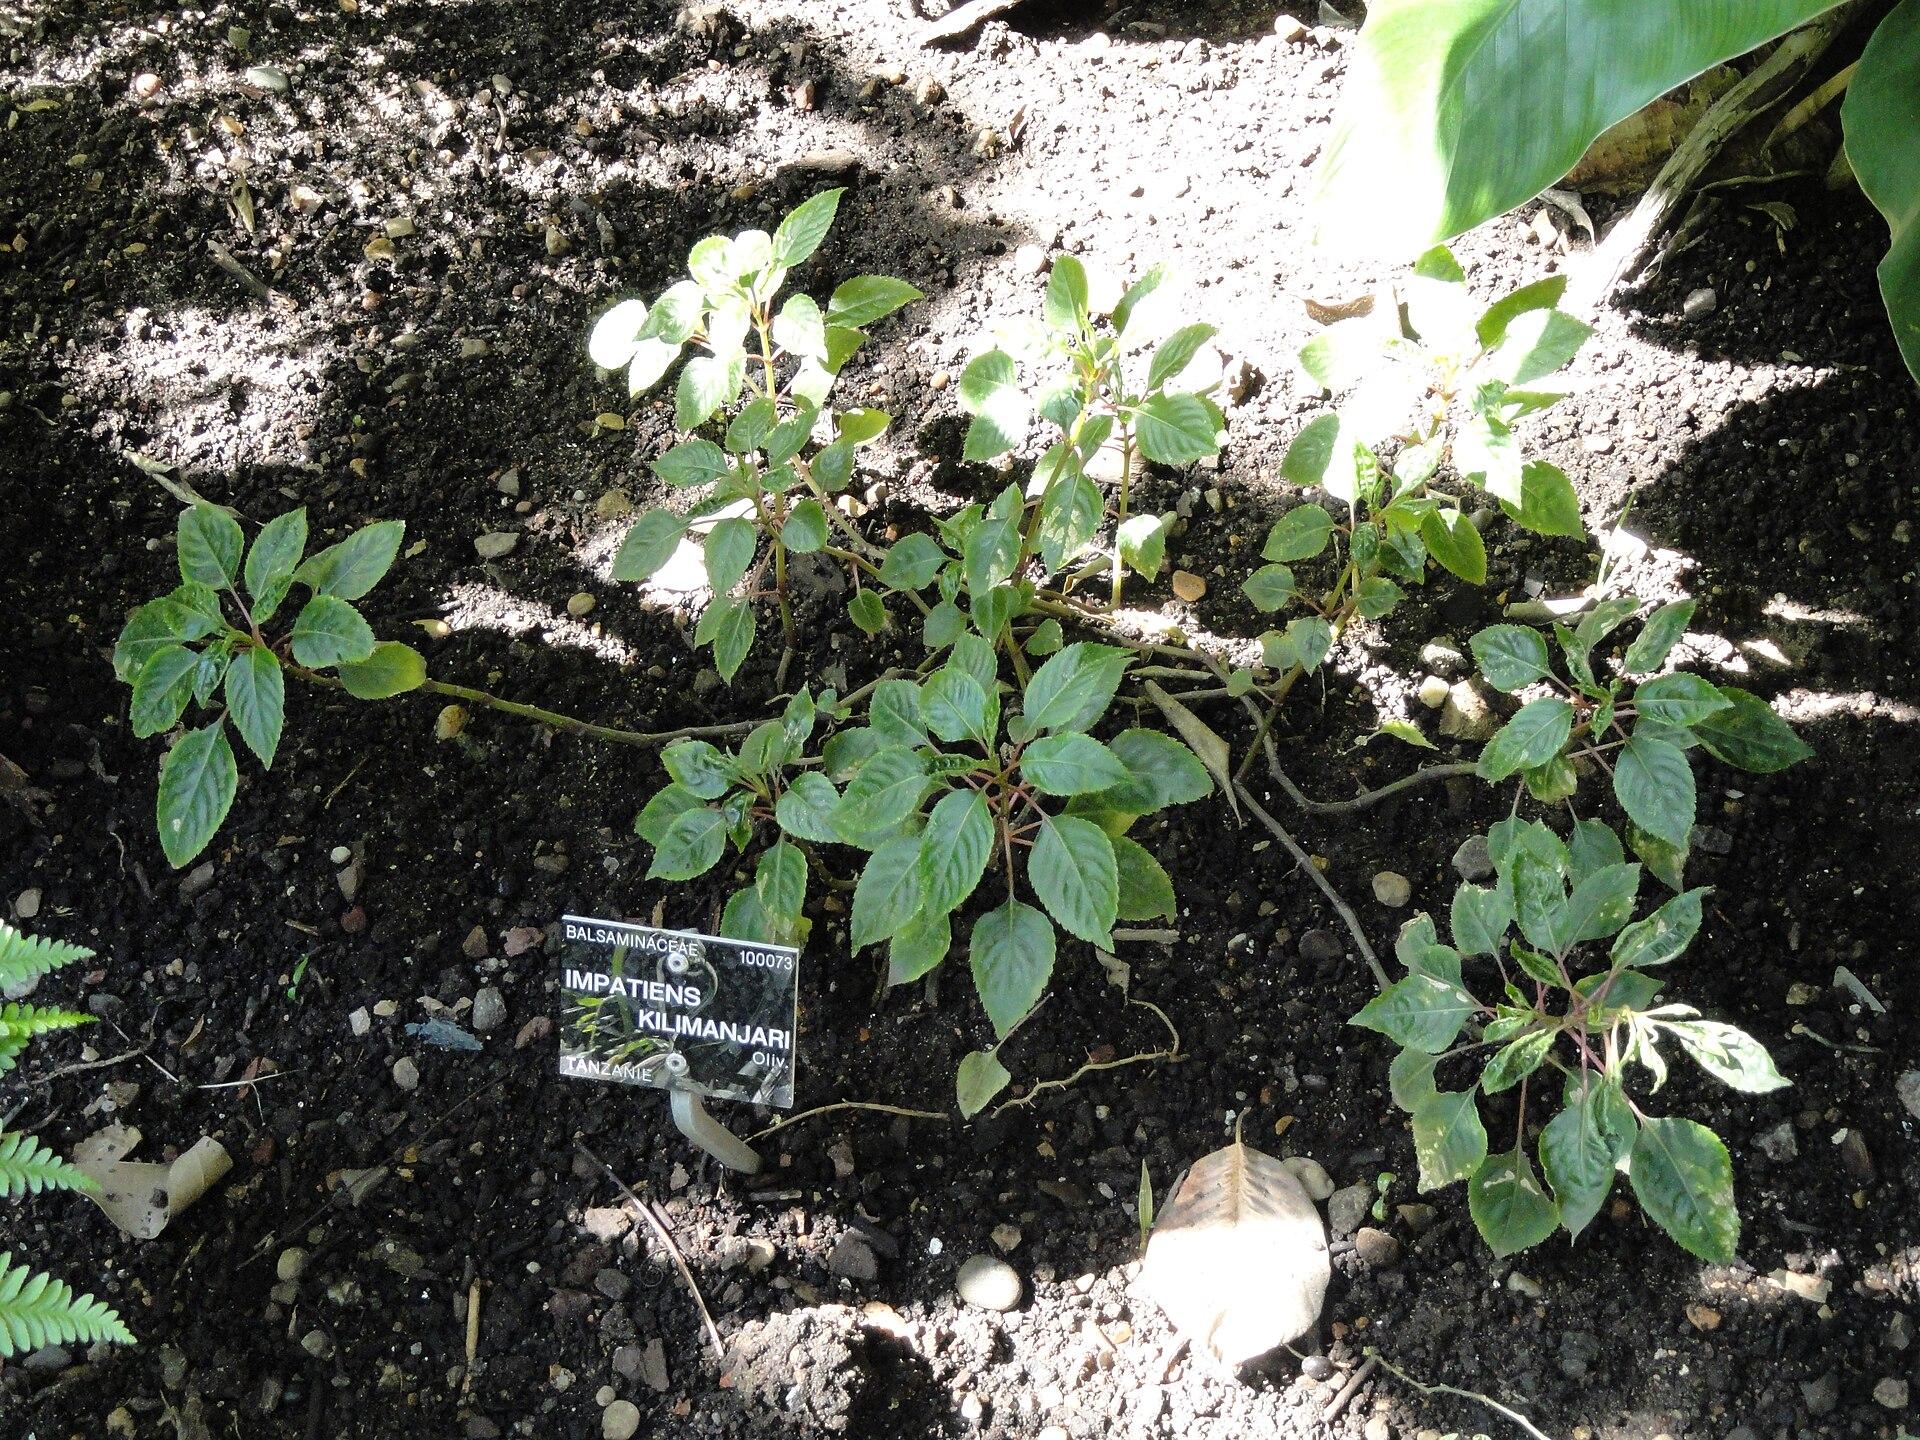 Impatiens kilimanjari wikipedia for Bal des citrouilles jardin botanique